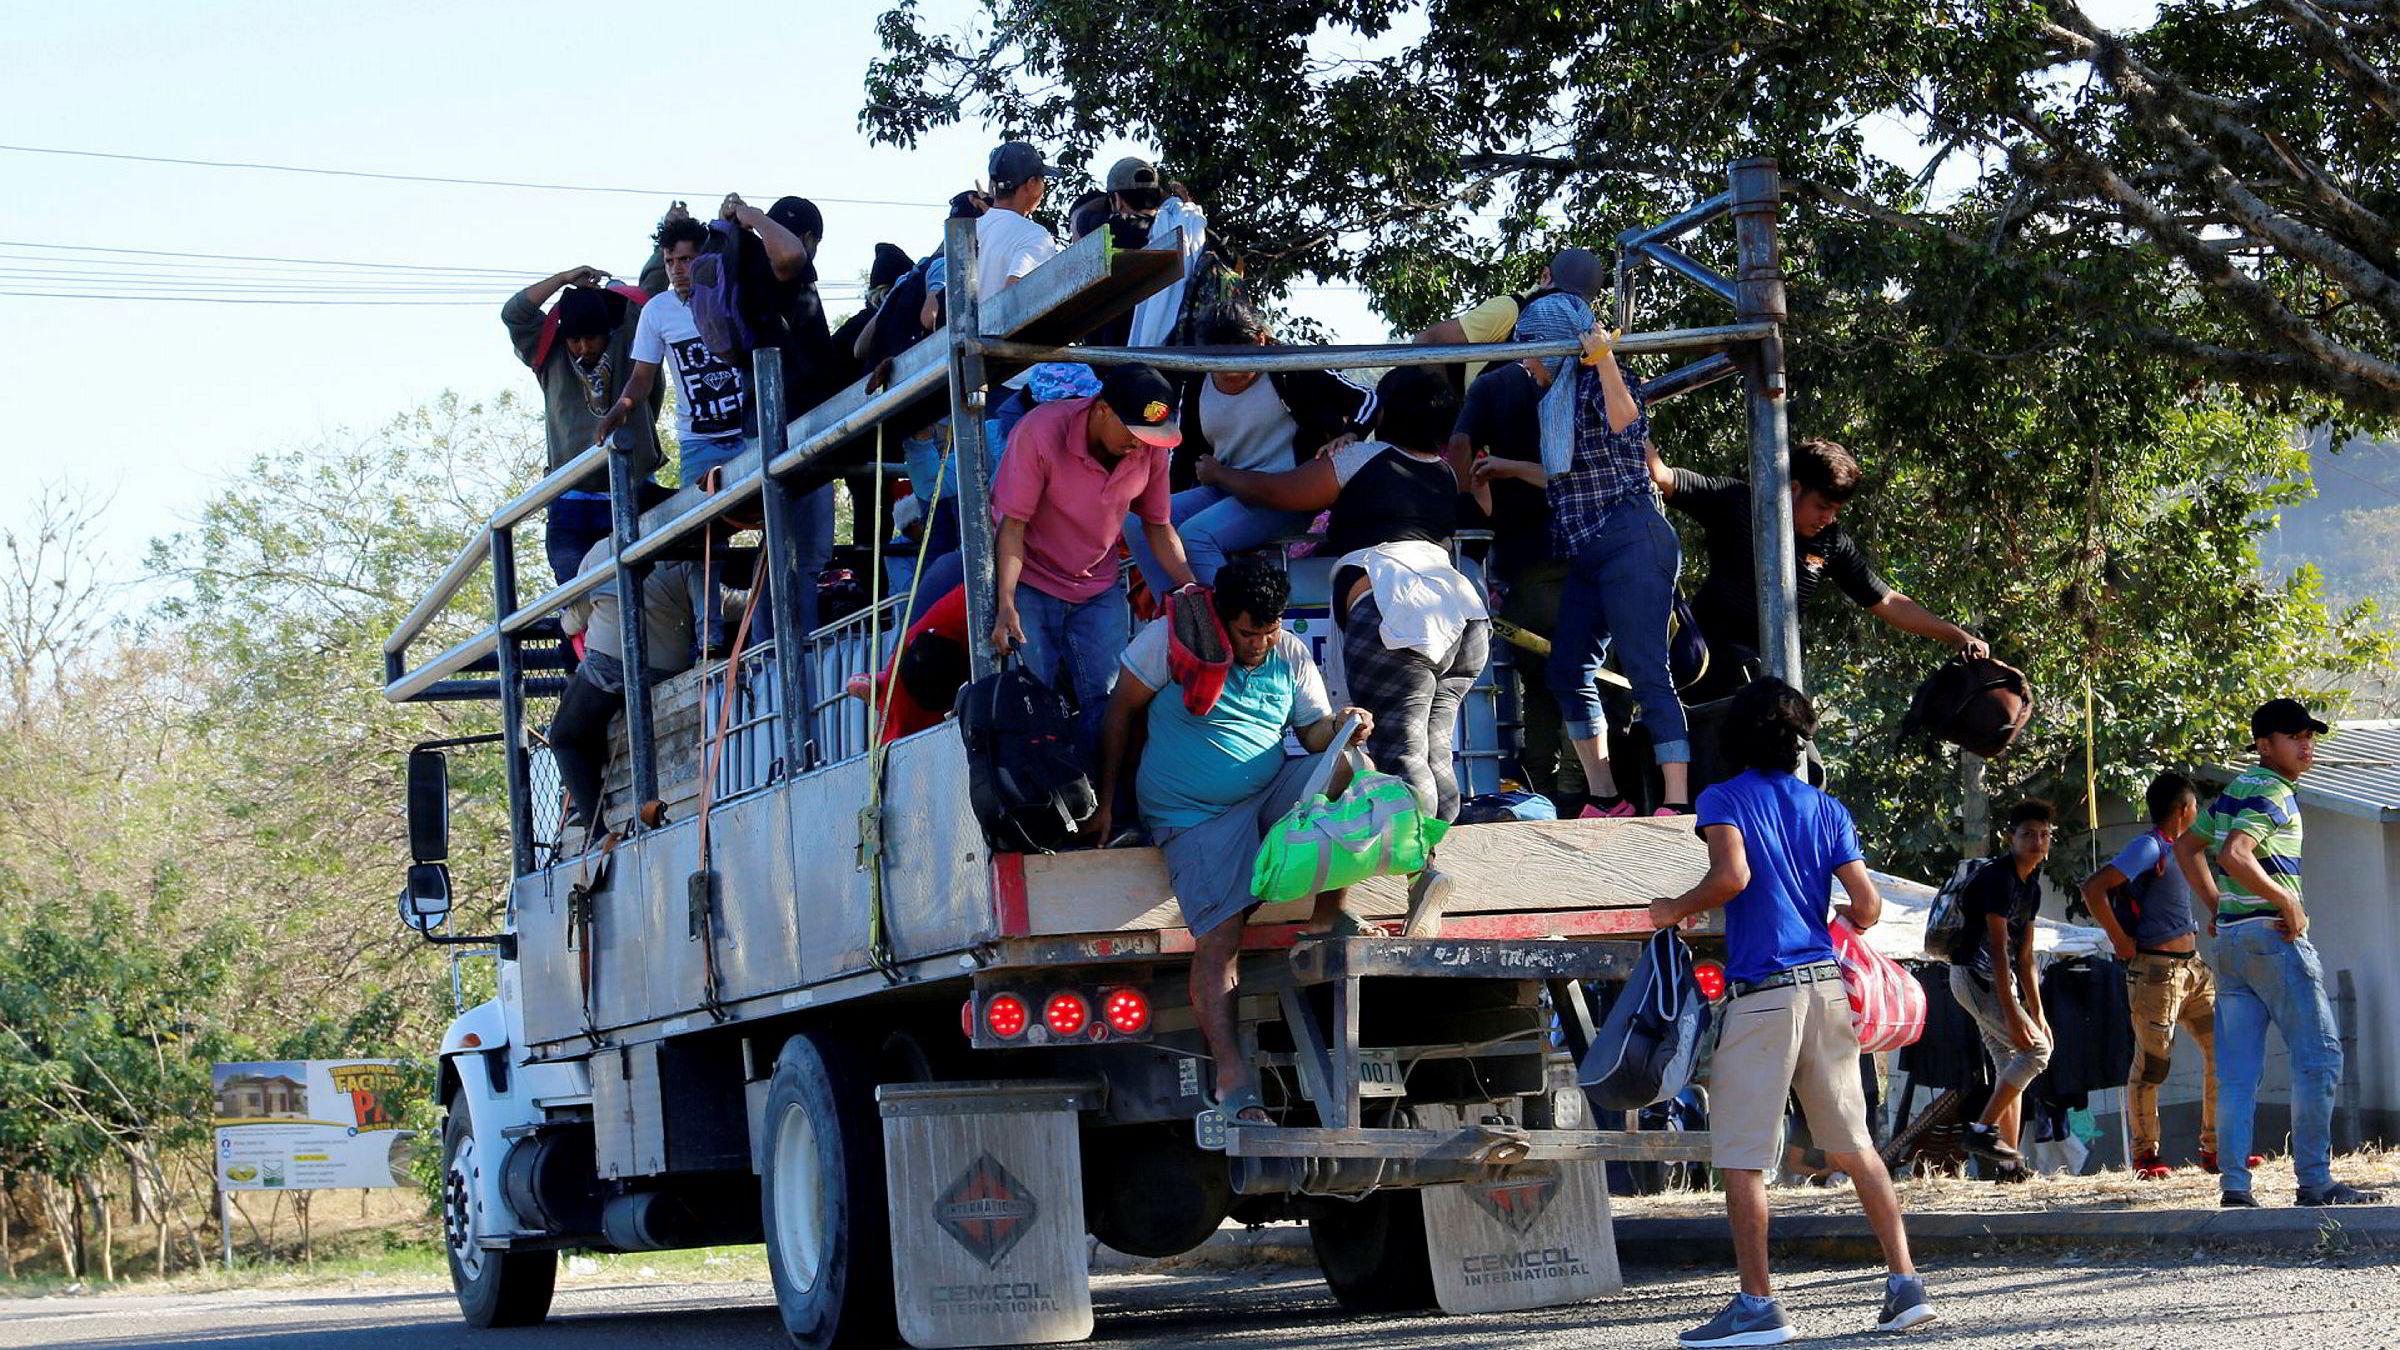 Hundrevis av migranter fra Honduras kom seg gjennom grensen til Guatemala på onsdag. De har som mål å nå USA med en ny karavane.